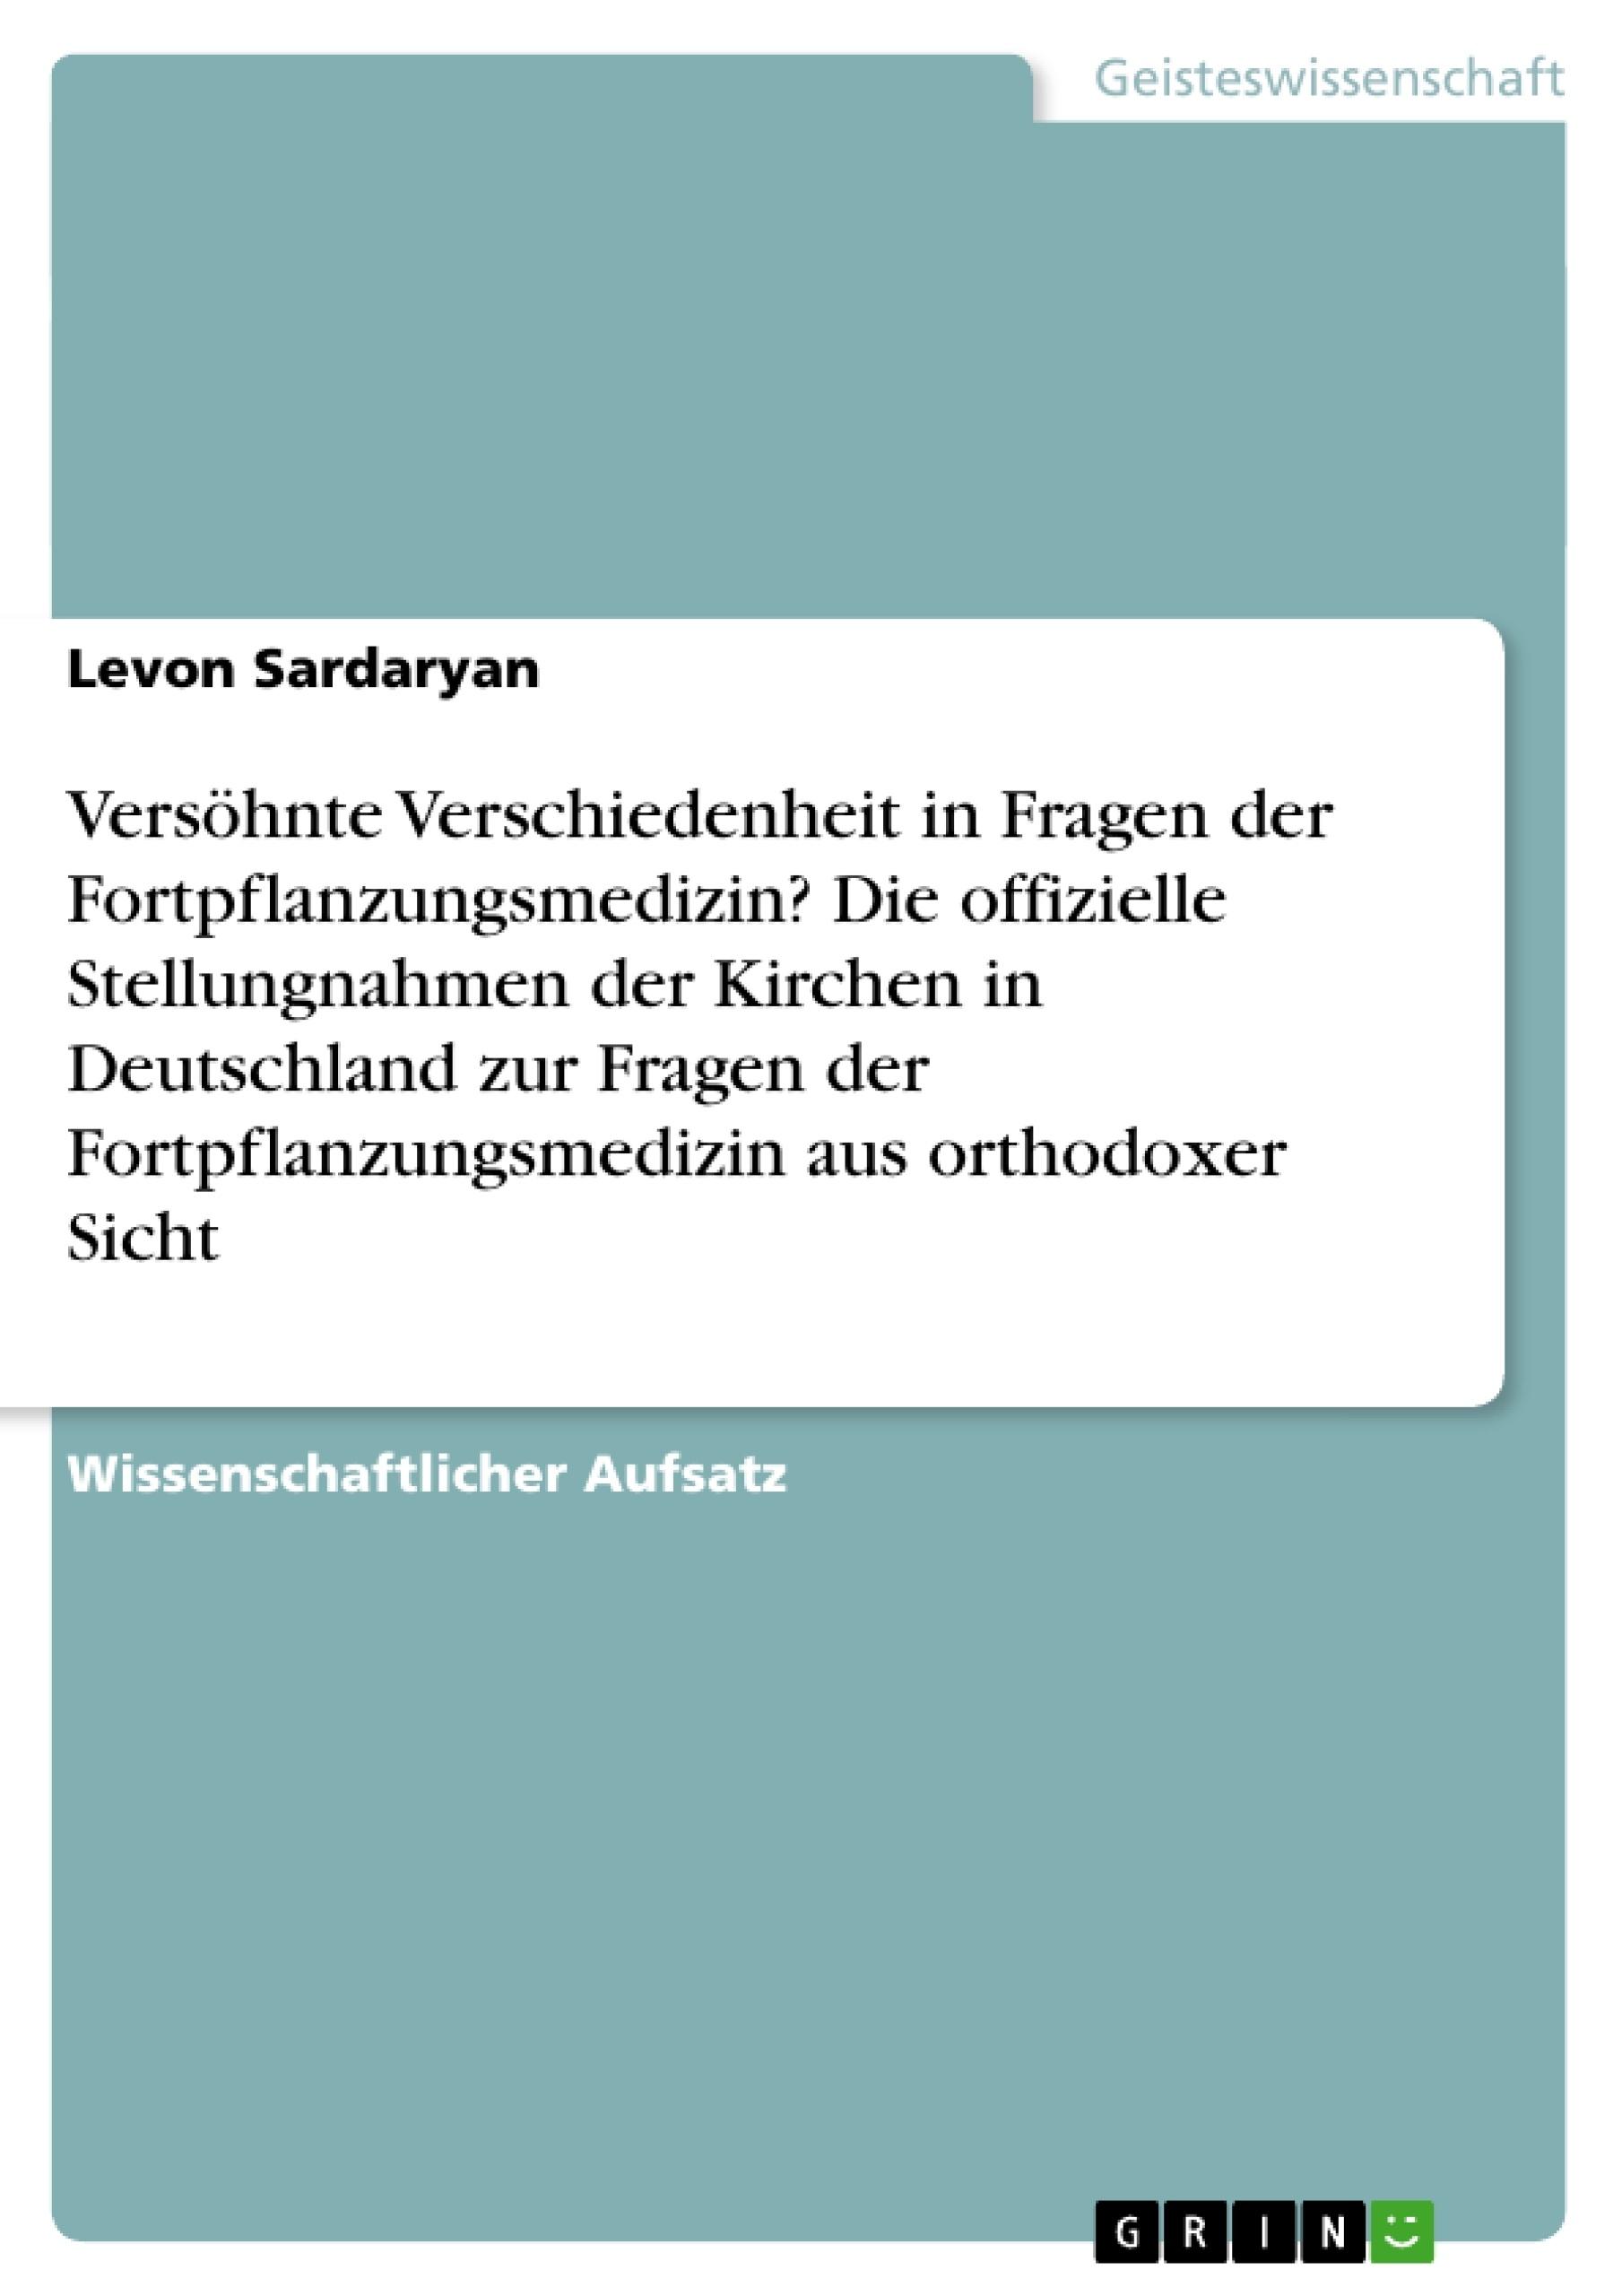 Titel: Versöhnte Verschiedenheit in Fragen der Fortpflanzungsmedizin? Die offizielle Stellungnahmen der Kirchen in Deutschland zur Fragen der Fortpflanzungsmedizin aus orthodoxer Sicht